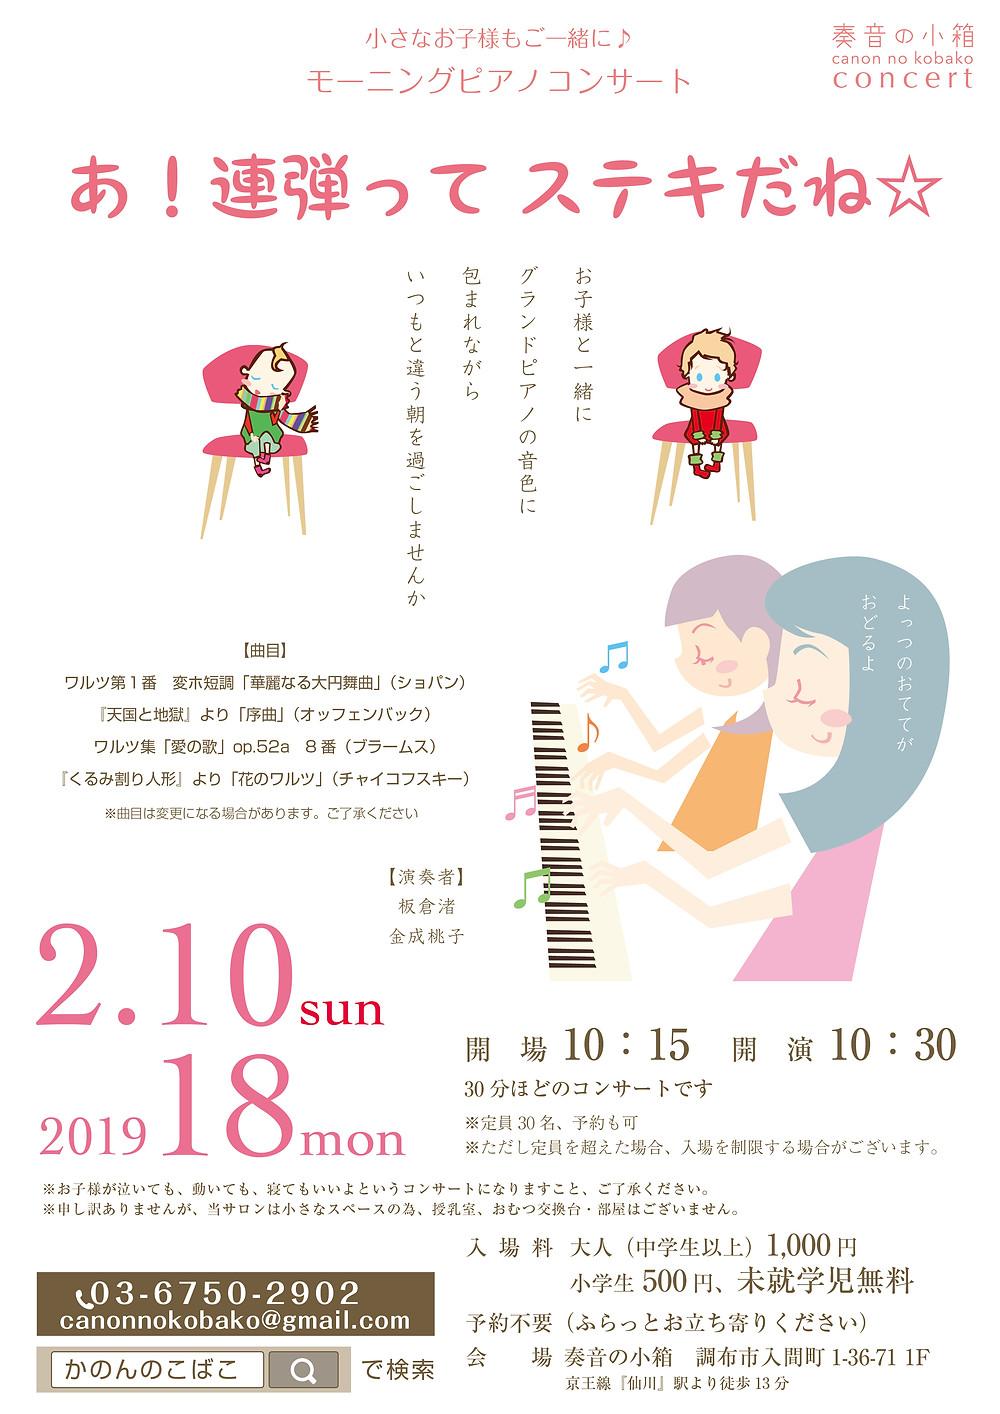 モーニングピアノコンサート